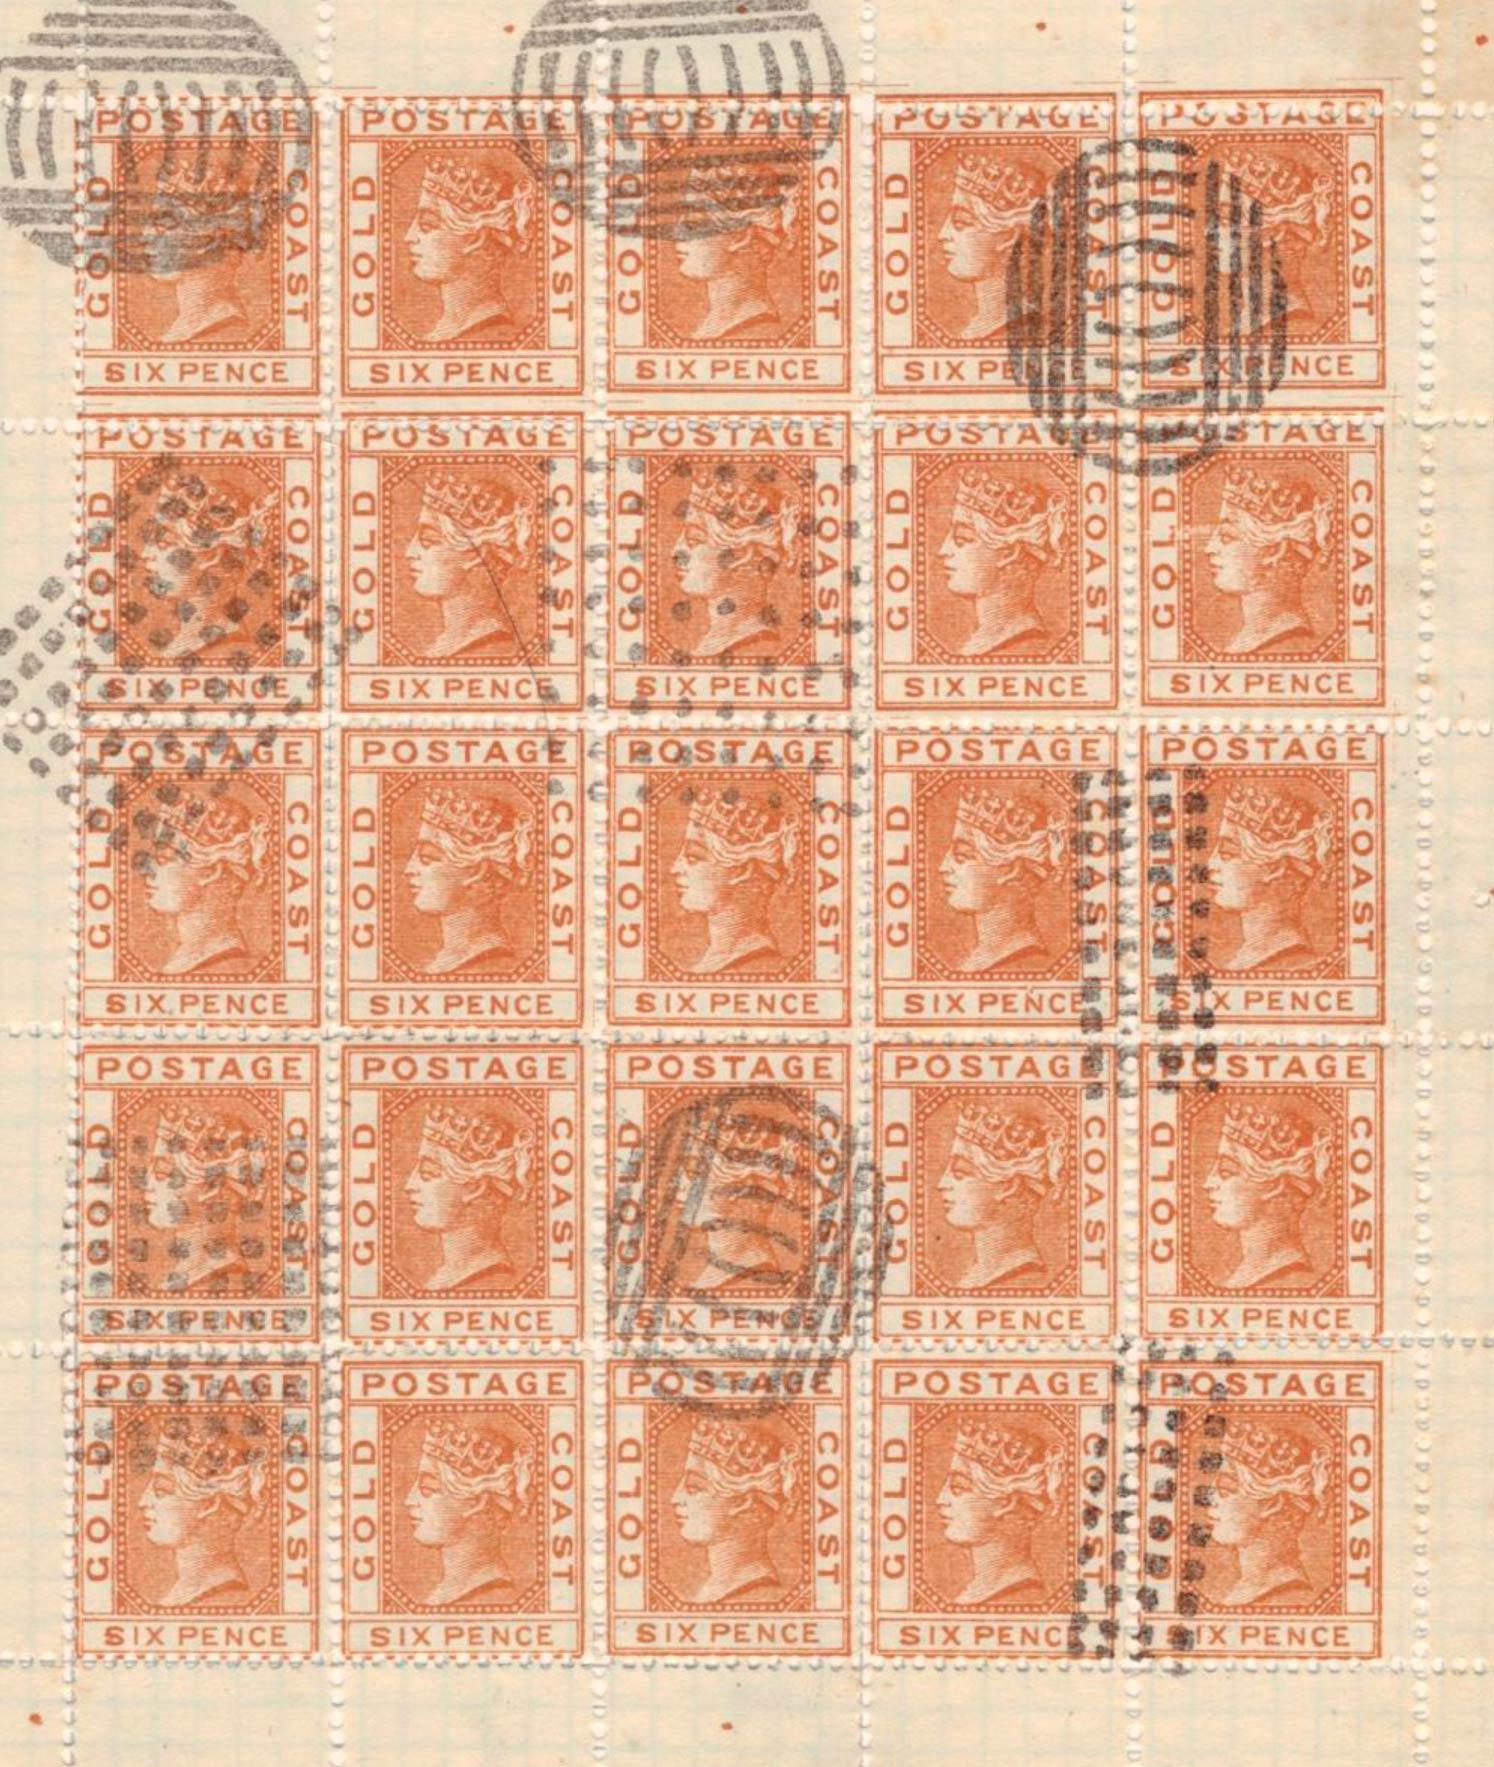 Gold_Coast_1875_QV_6d_Spiro-sheet_Forgery